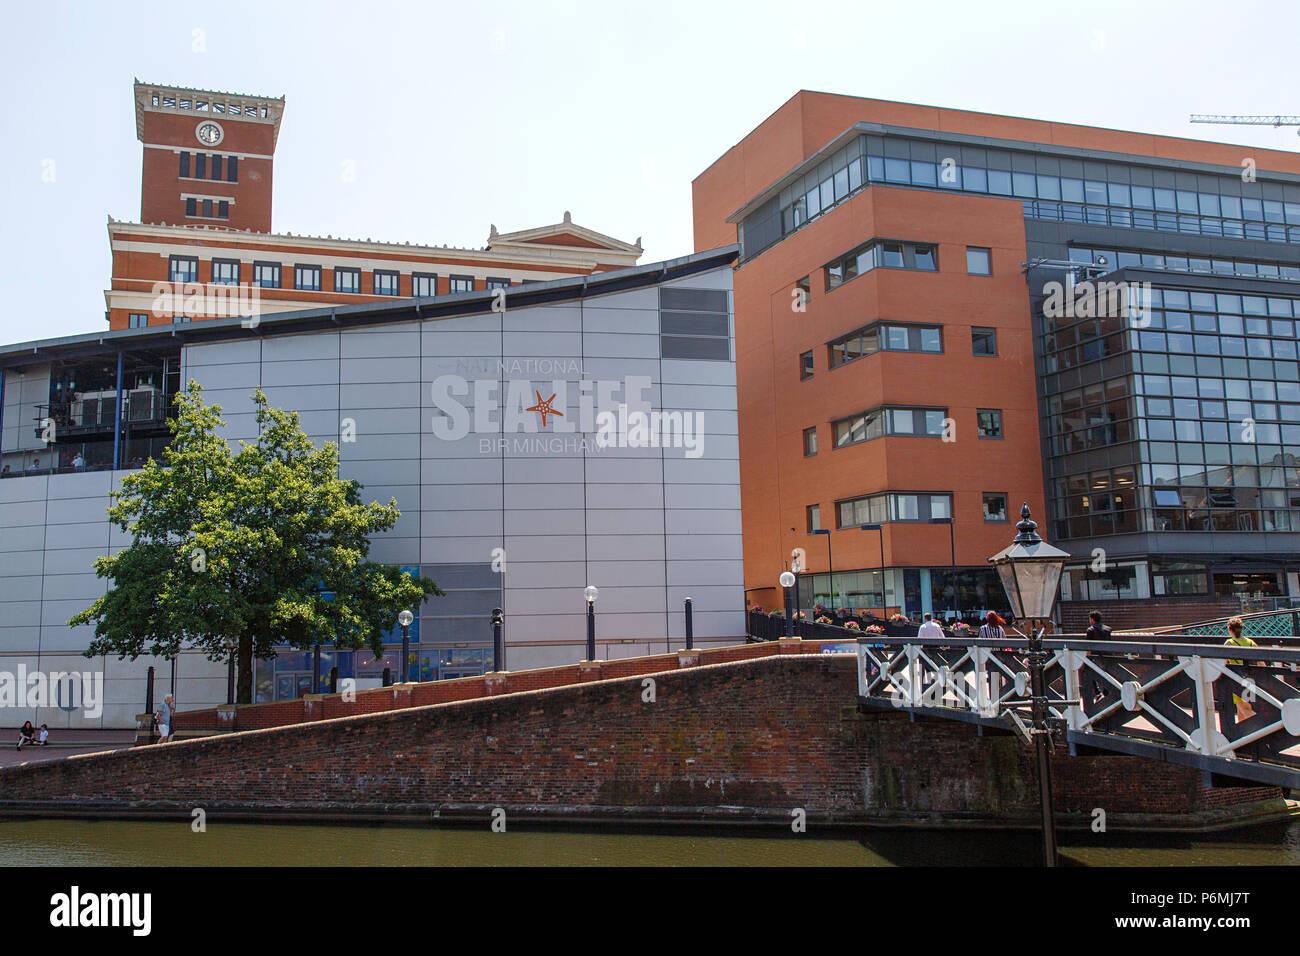 Birmingham, UK: 29 Juin 2018: Le National Sea Life Centre est un aquarium avec plus de 60 affiche de l'eau douce et de la vie marine à Brindley Place. Photo Stock